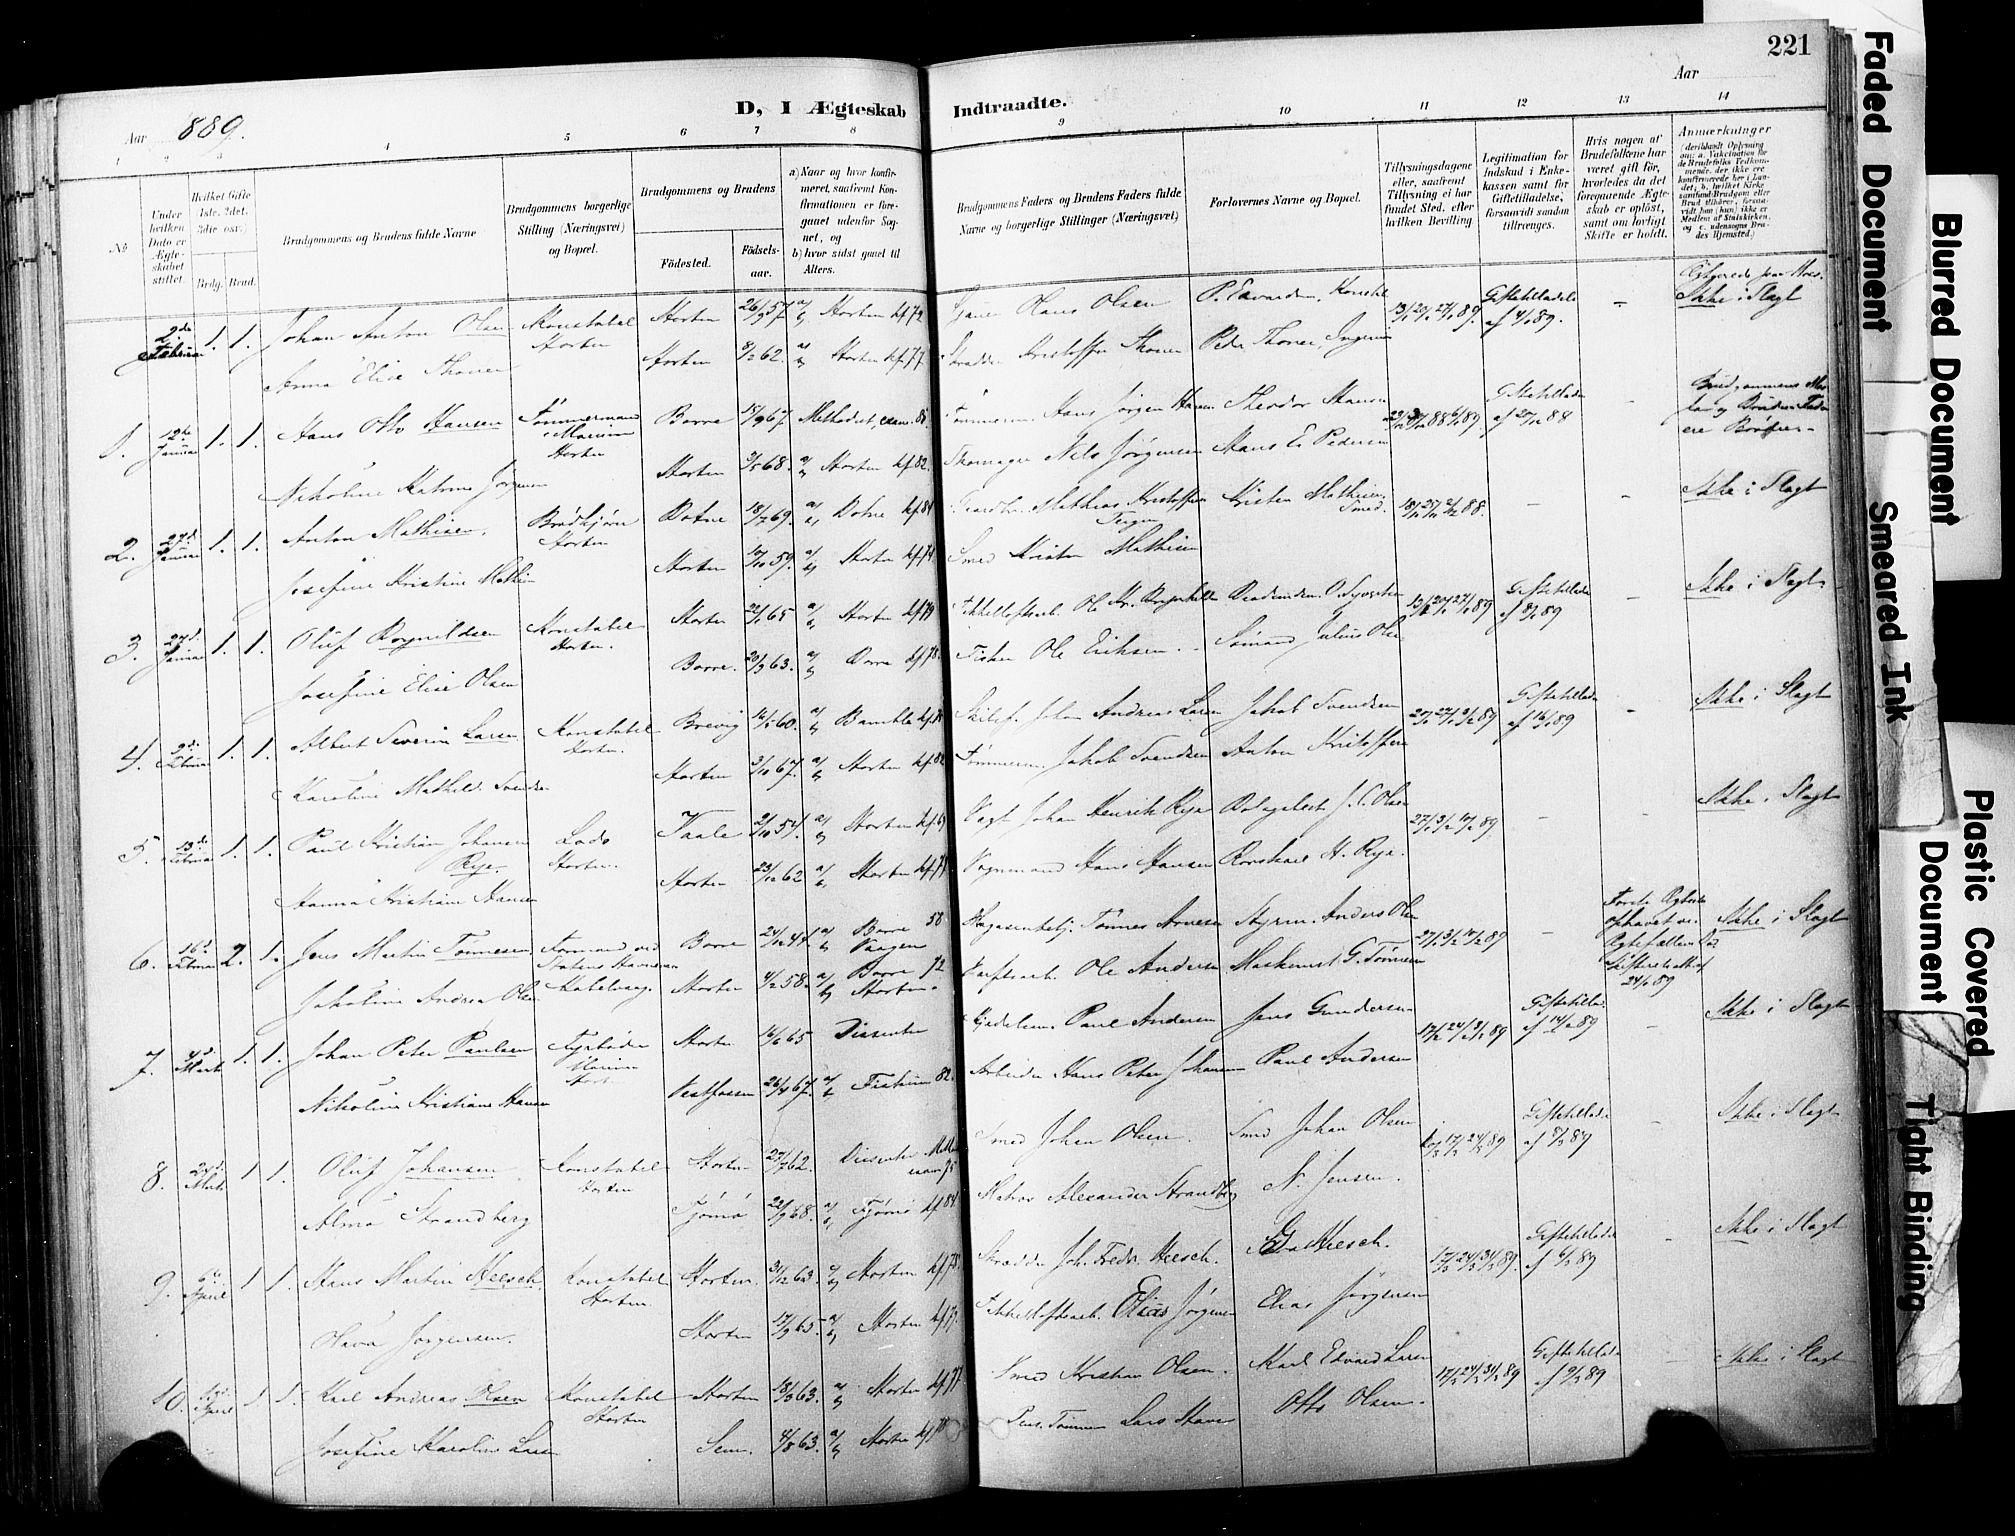 SAKO, Horten kirkebøker, F/Fa/L0004: Ministerialbok nr. 4, 1888-1895, s. 221